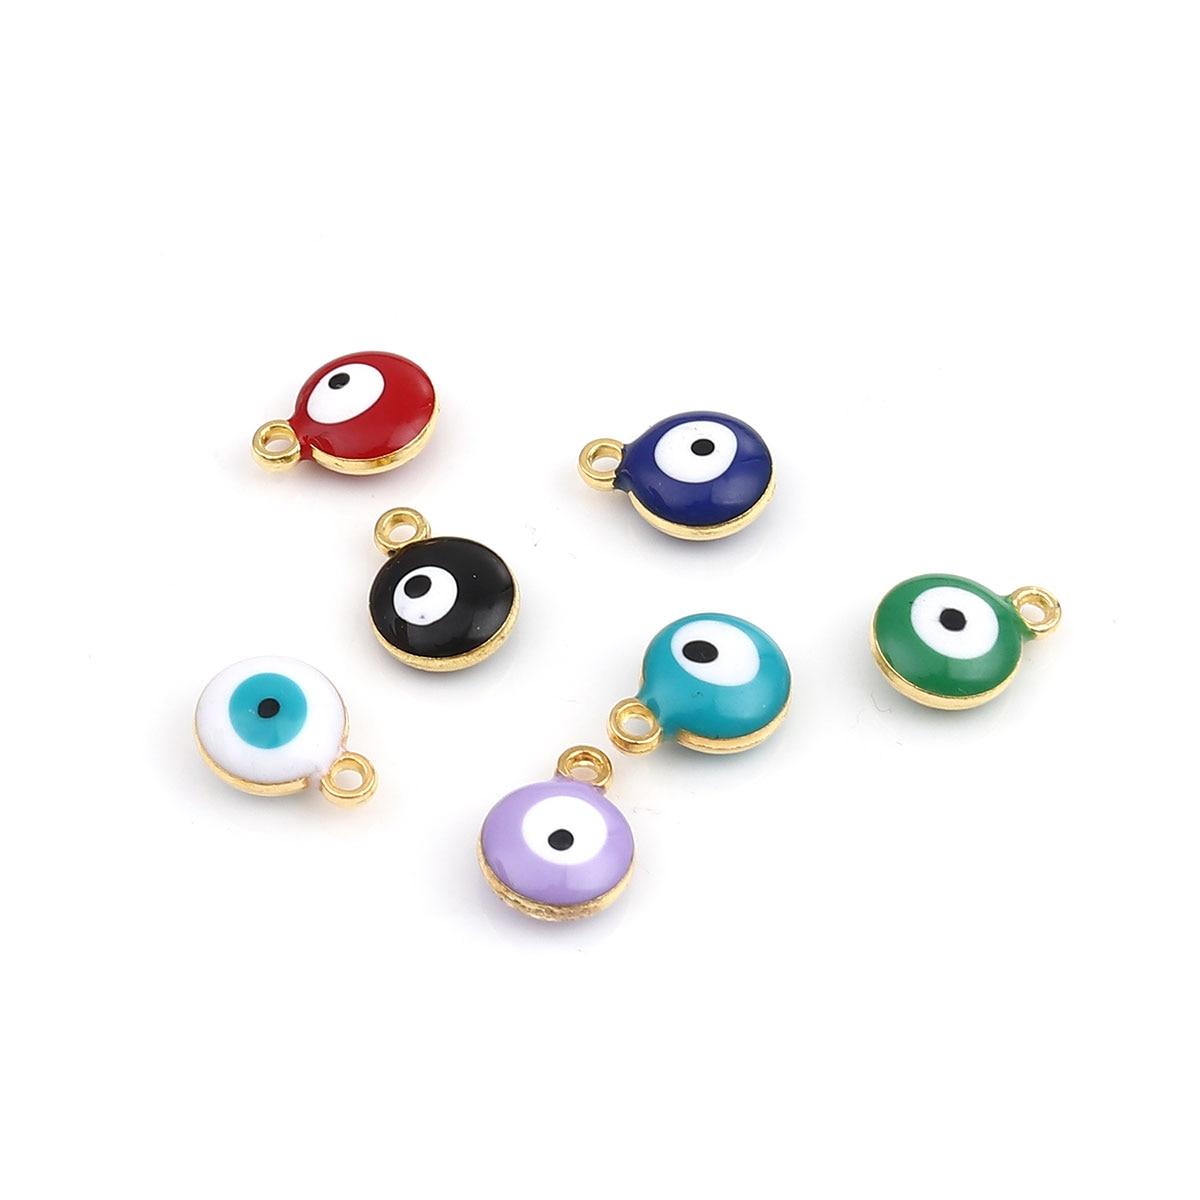 20 pièces émail mauvais œil breloques alliage à base de Zinc religieux breloques rondes couleur or couleur argent pour bijoux à bricoler soi-même faisant 13*10mm